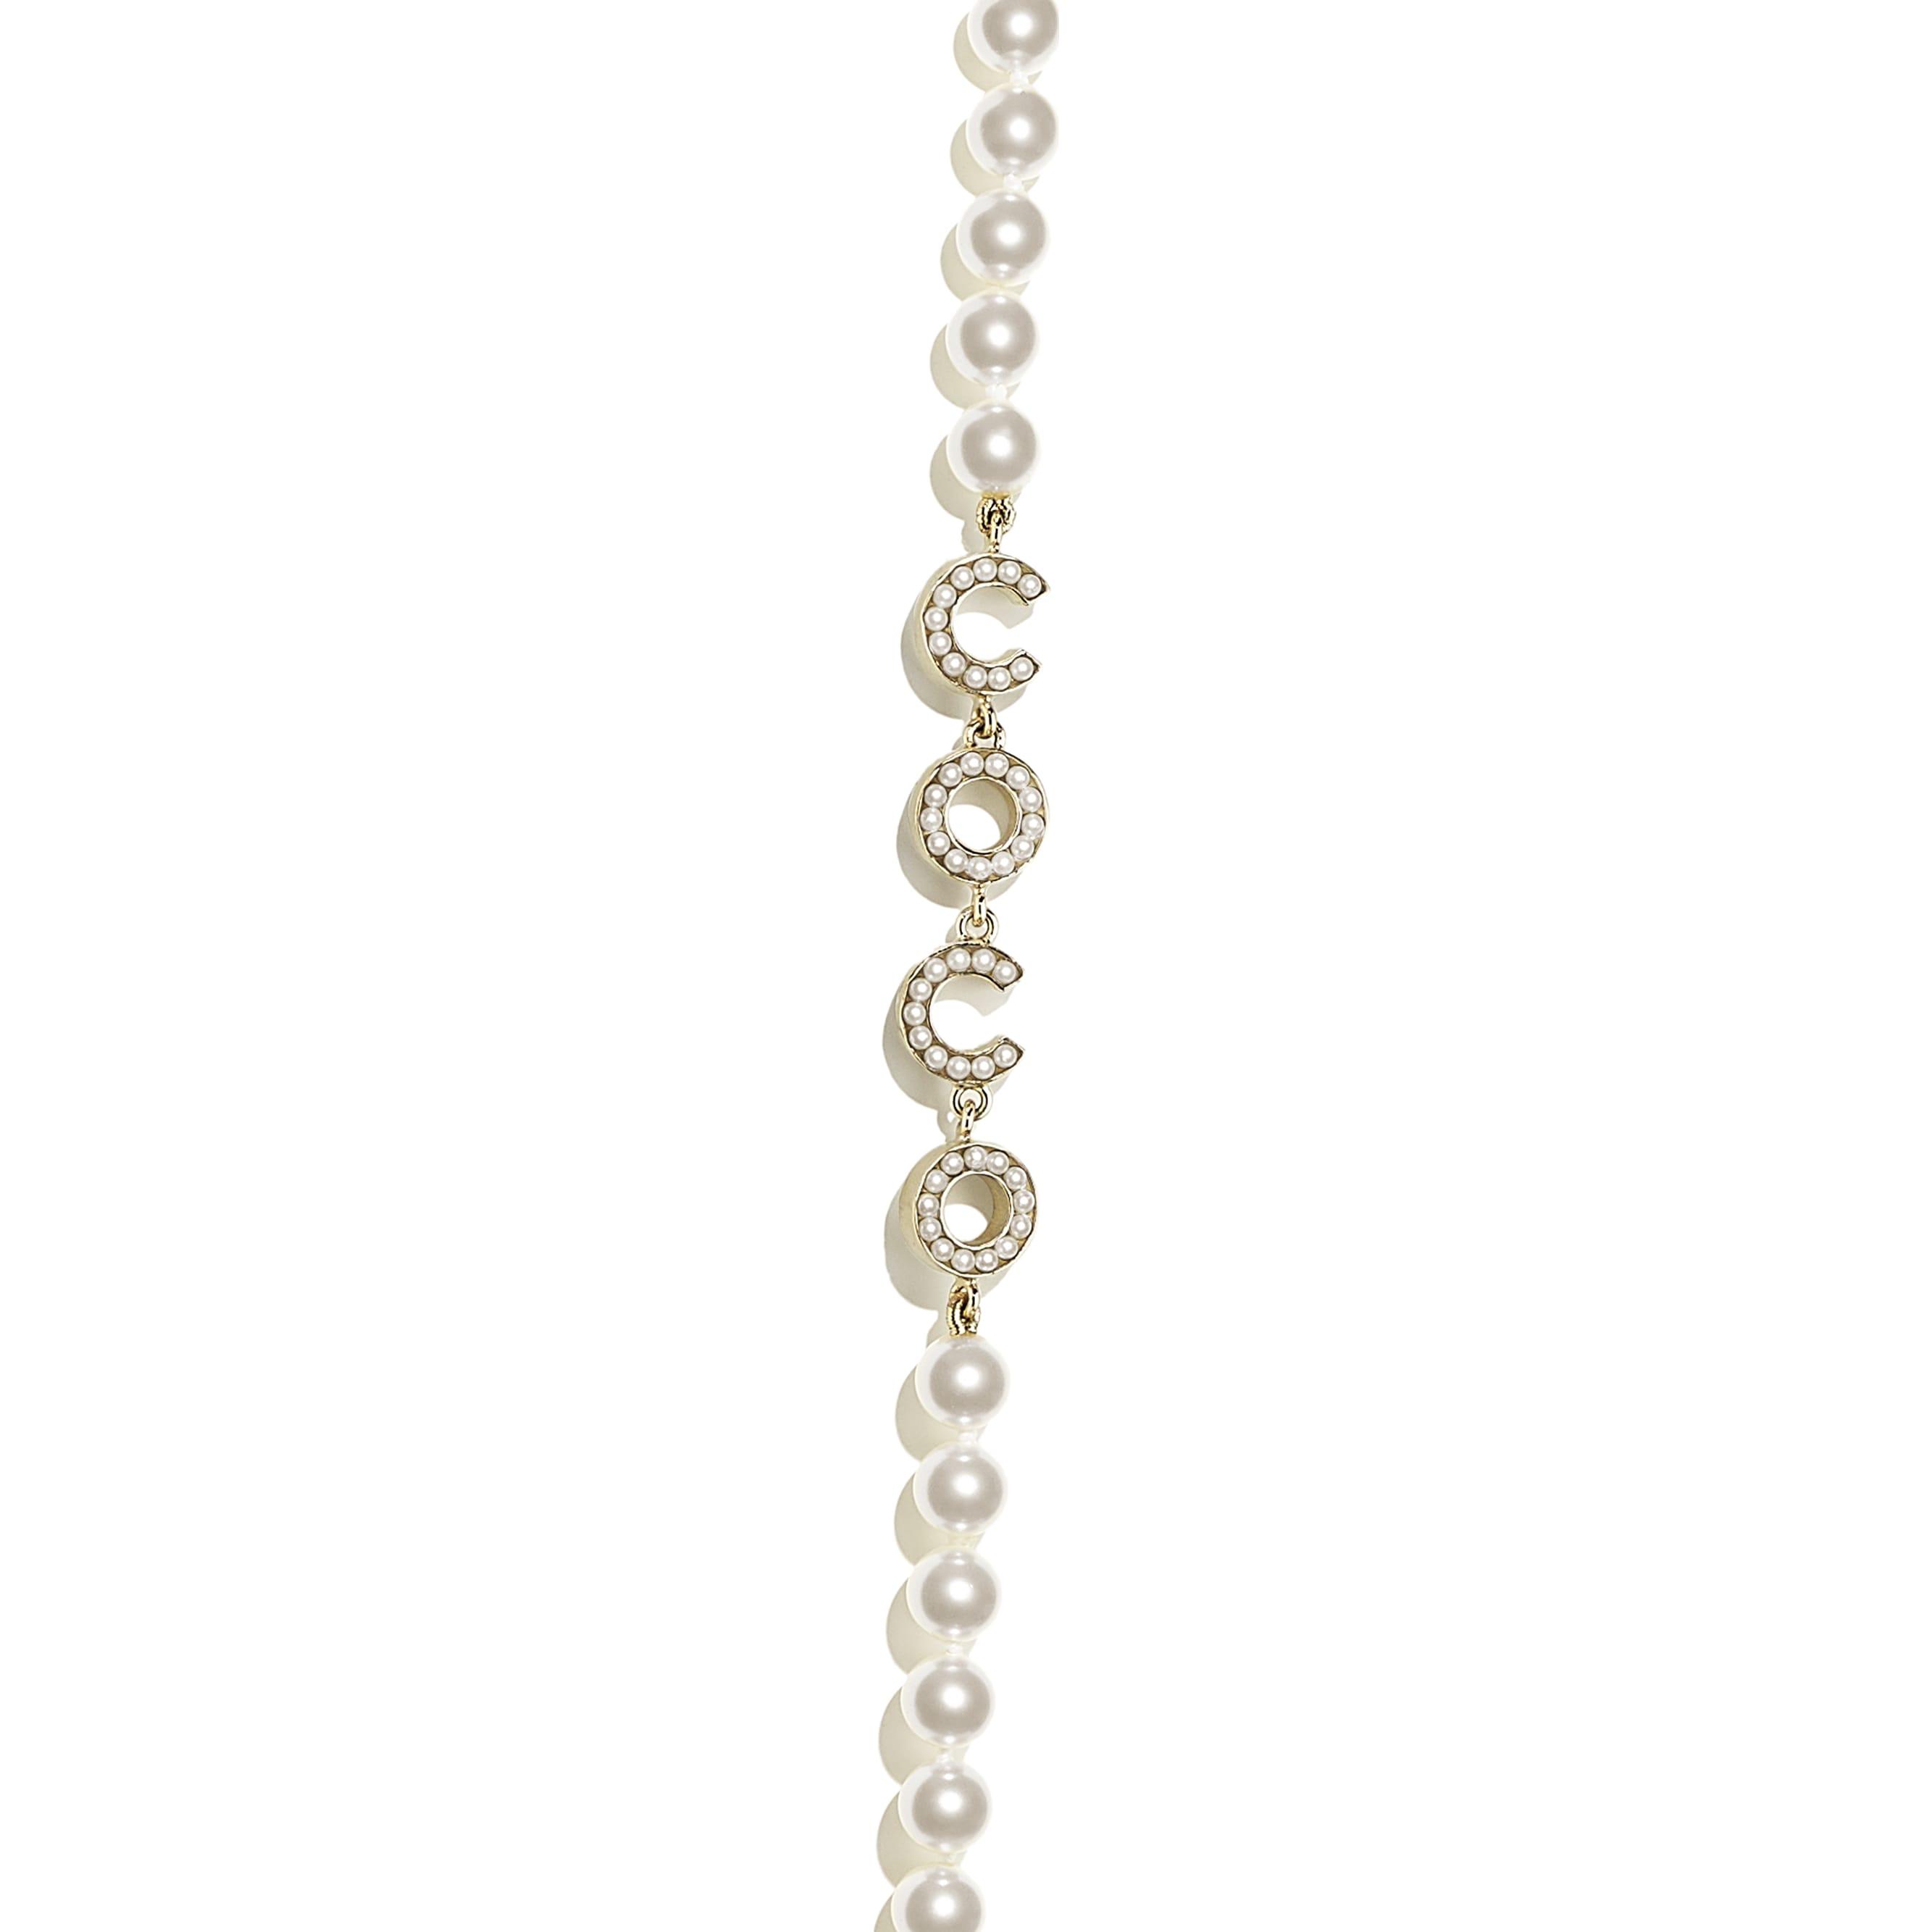 Długi naszyjnik - Kolor złoty i perłowobiały - Metal i szklane perły - CHANEL - Inny widok – zobacz w standardowym rozmiarze